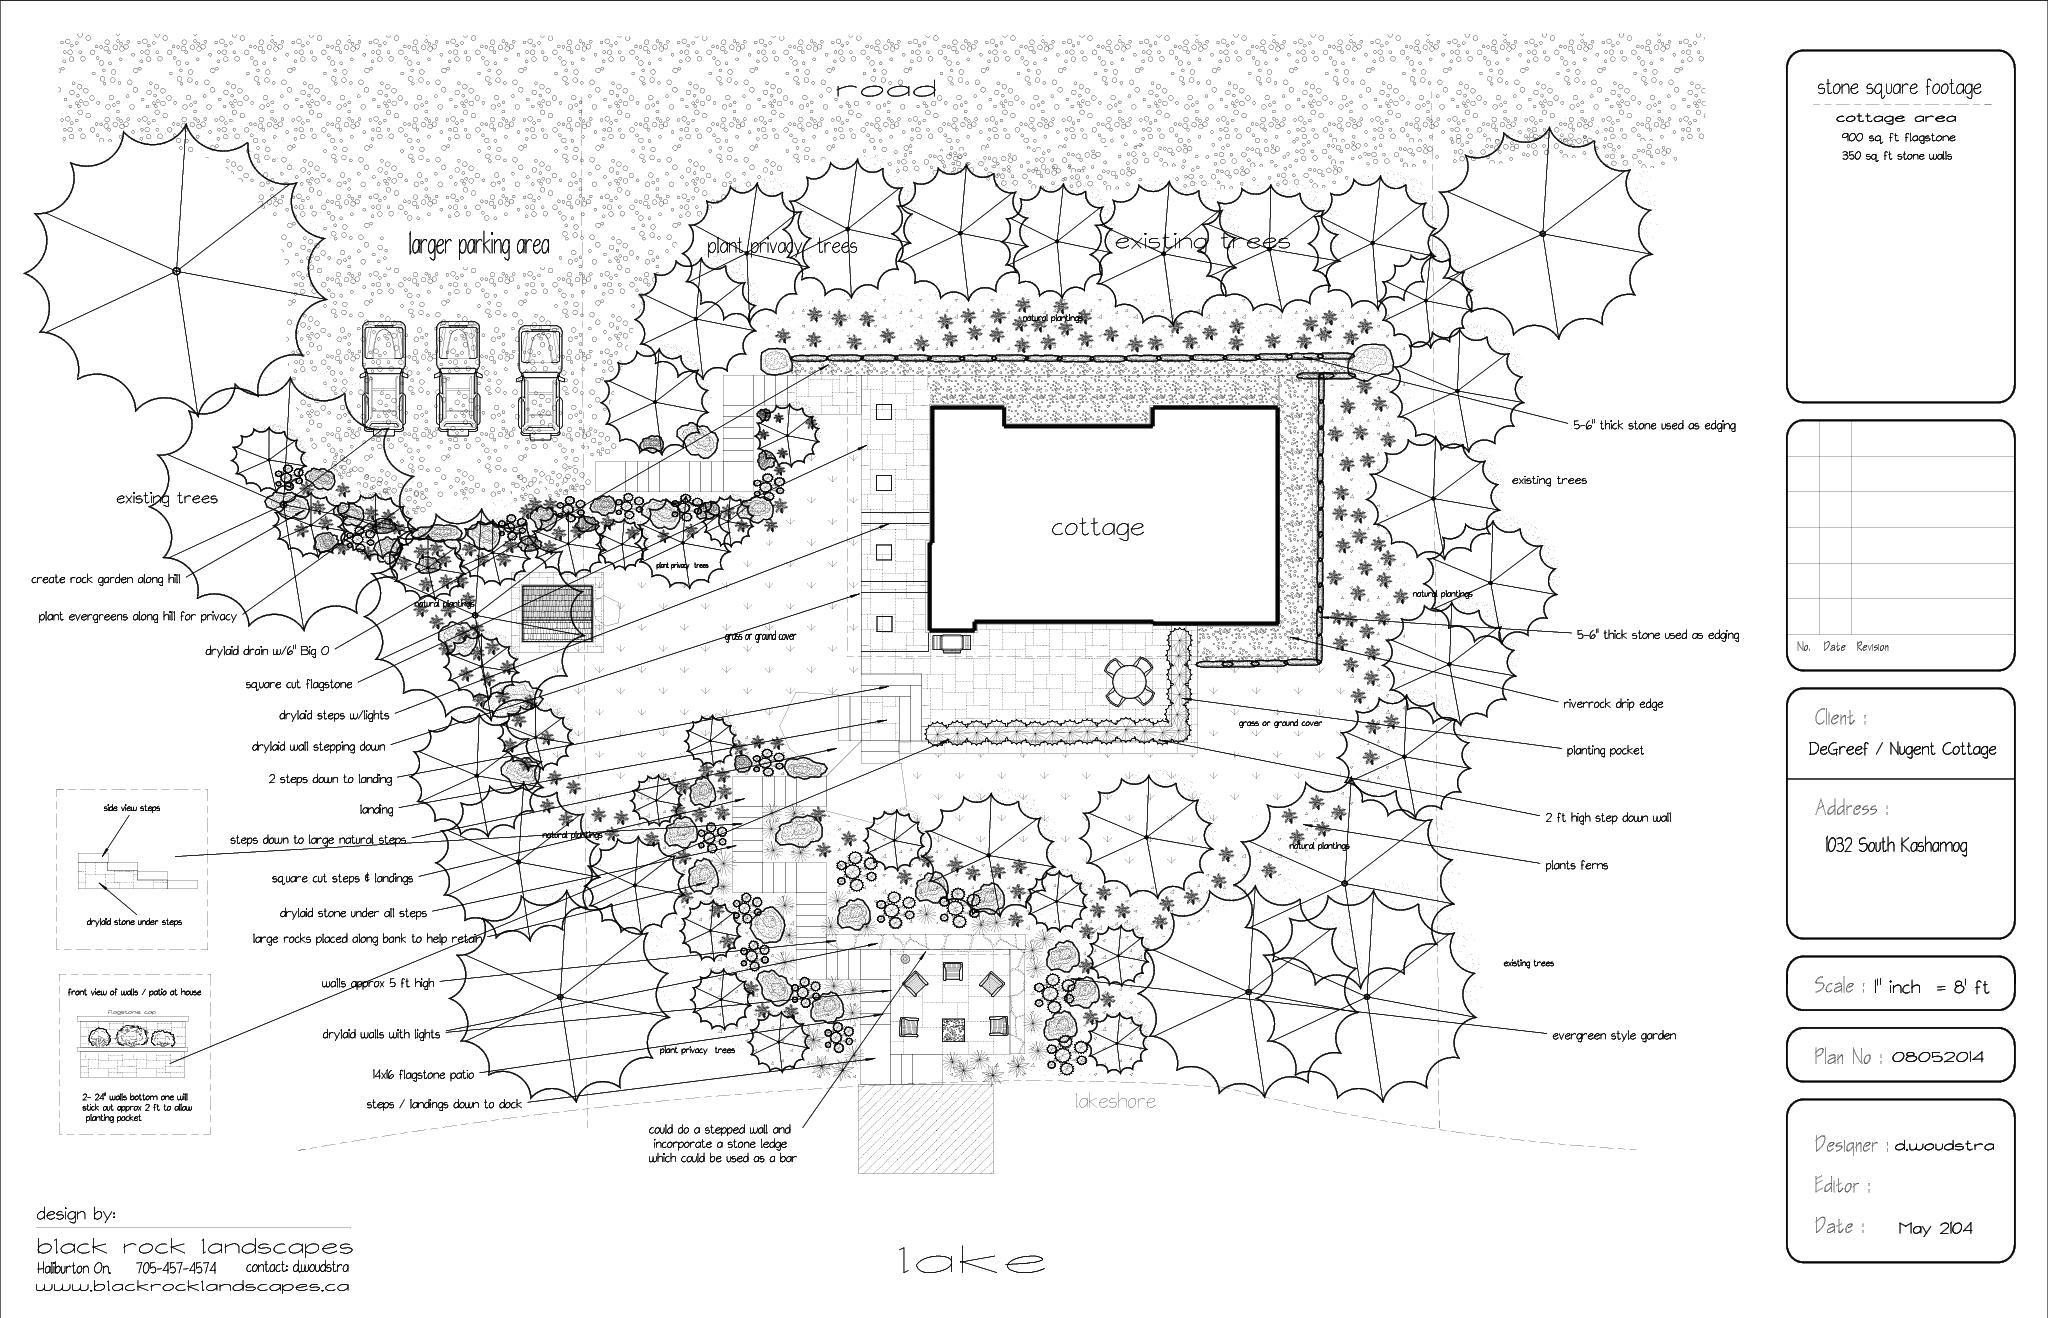 Services black rock landscapes inc haliburton bancroft for Planning your landscaping